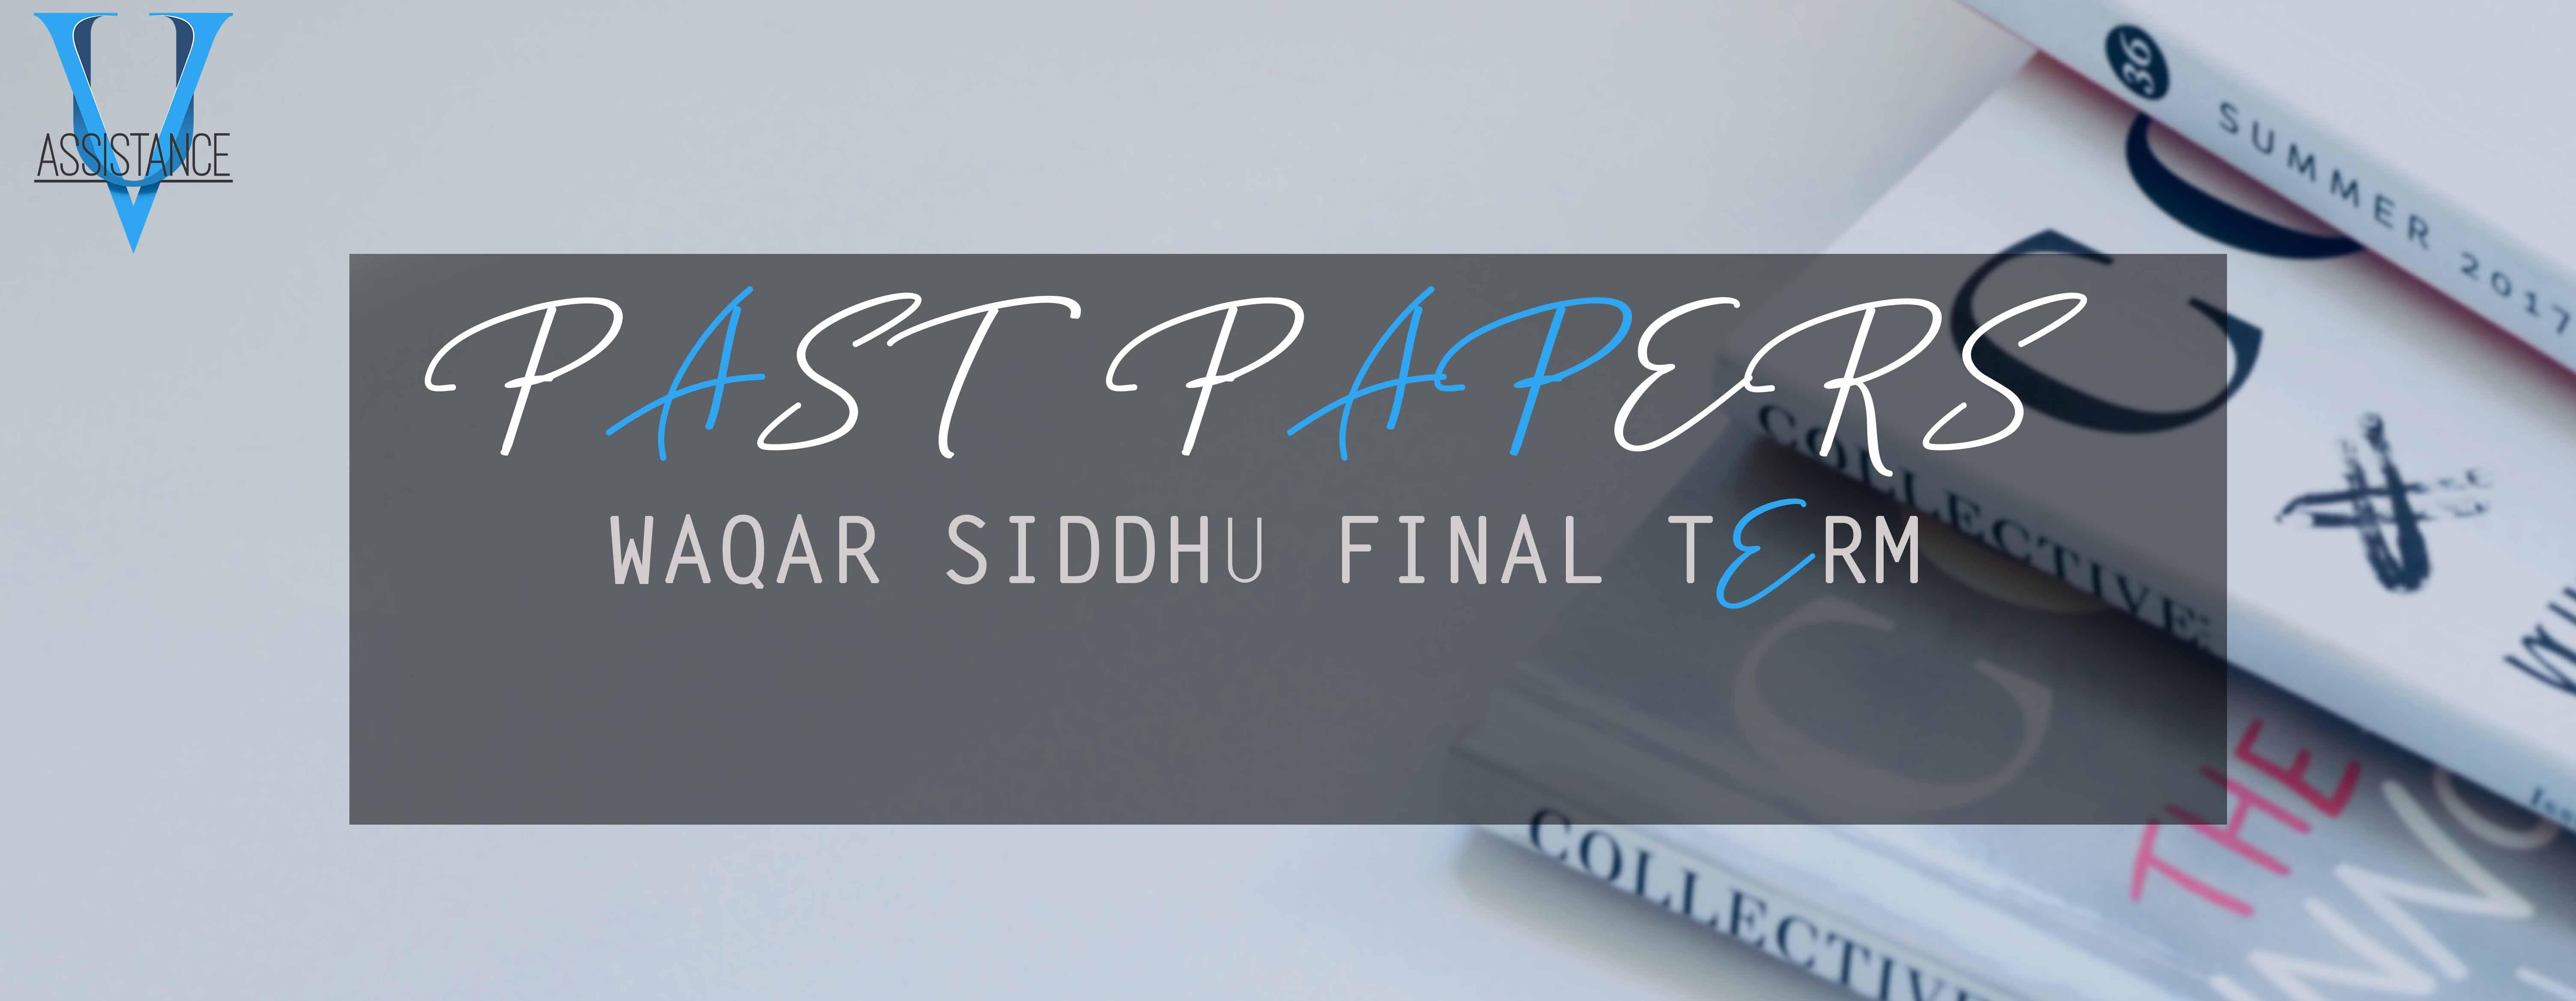 VU Final Term Past Papers